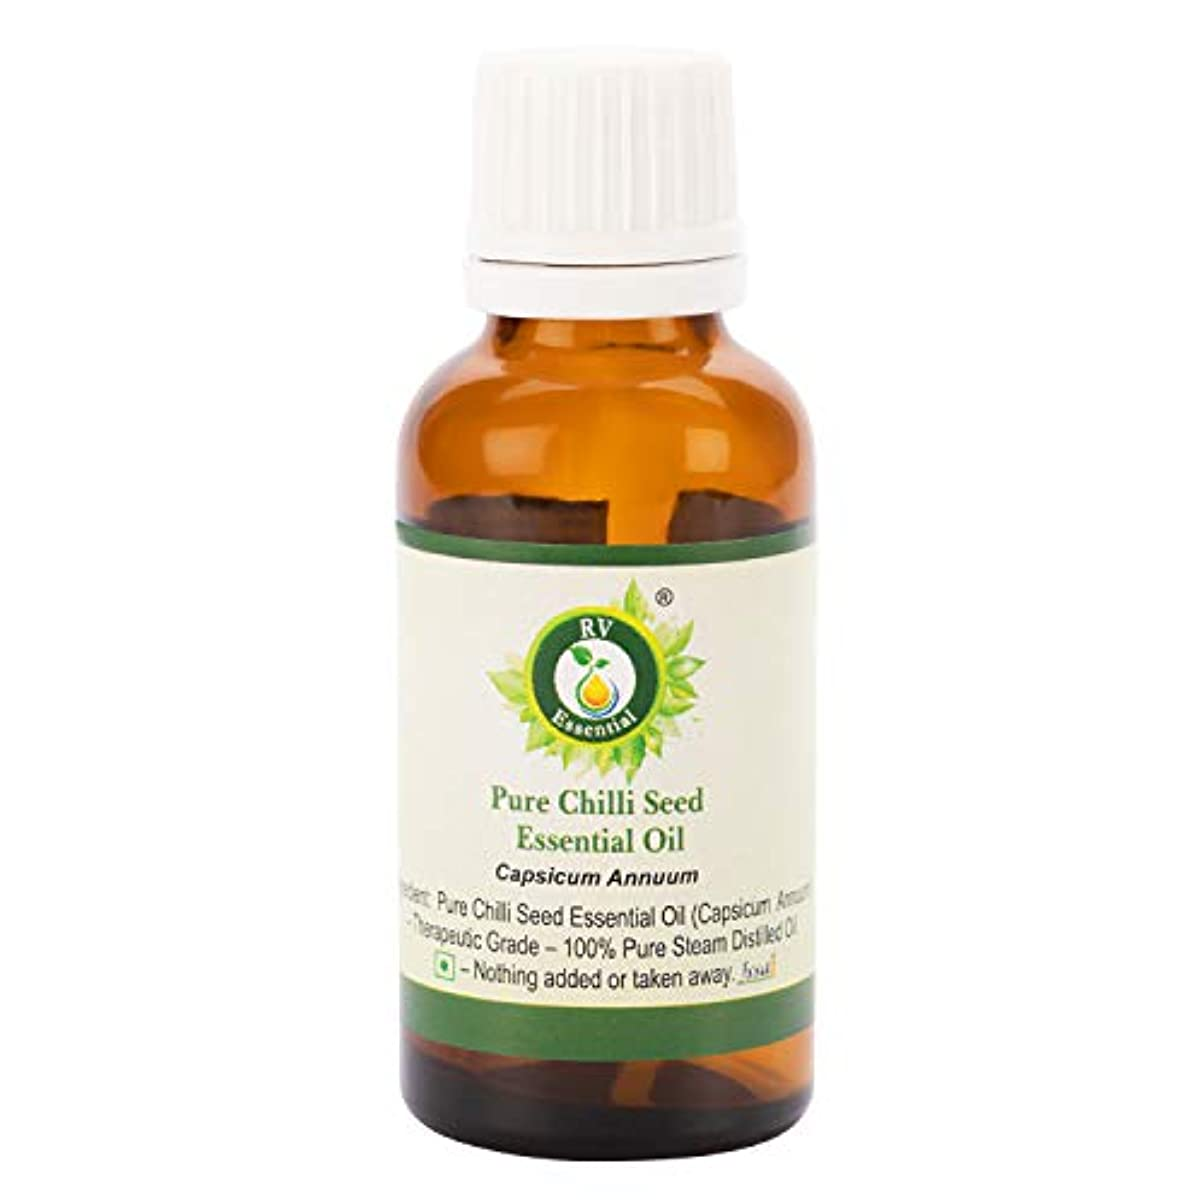 実験的スズメバチに沿ってピュアチリシードエッセンシャルオイル5ml (0.169oz)- Capsicum Annuum (100%純粋&天然スチームDistilled) Pure Chilli Seed Essential Oil